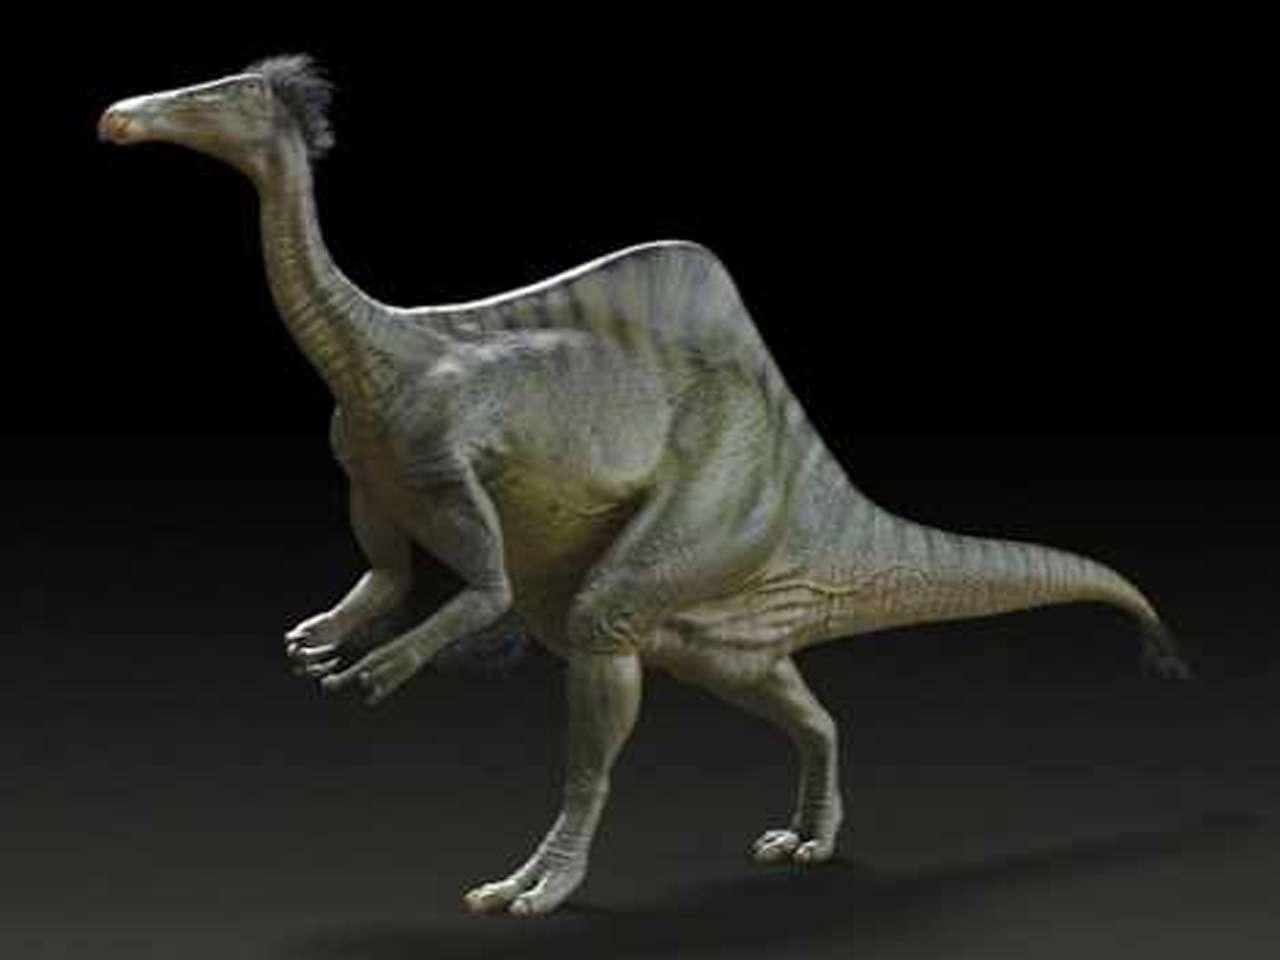 Se trataba de un dinosaurio bípedo con unas extremidades anteriores que medían 2,4 metros de largo, incluidas unas garras de más de 20 centímetros Foto: Reuters en español